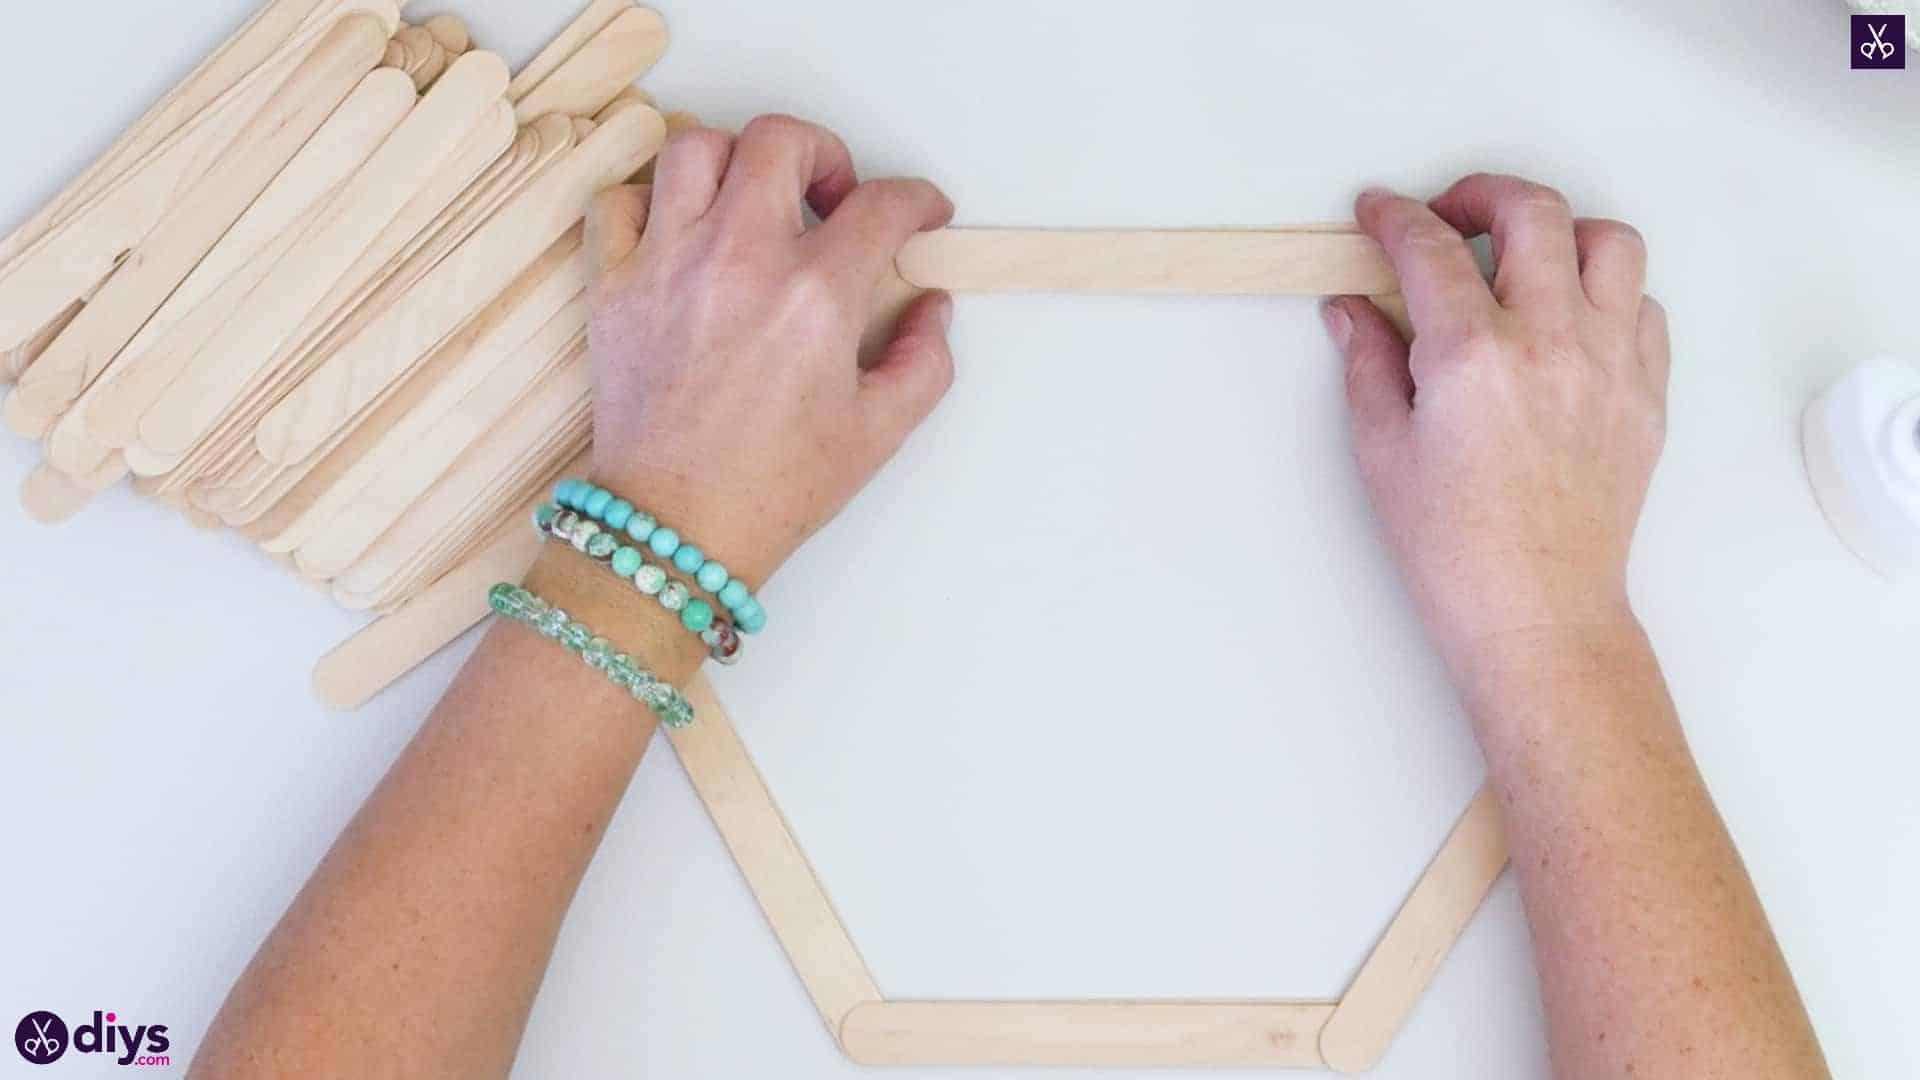 Diy popsicle stick hexagon shelf step 2e